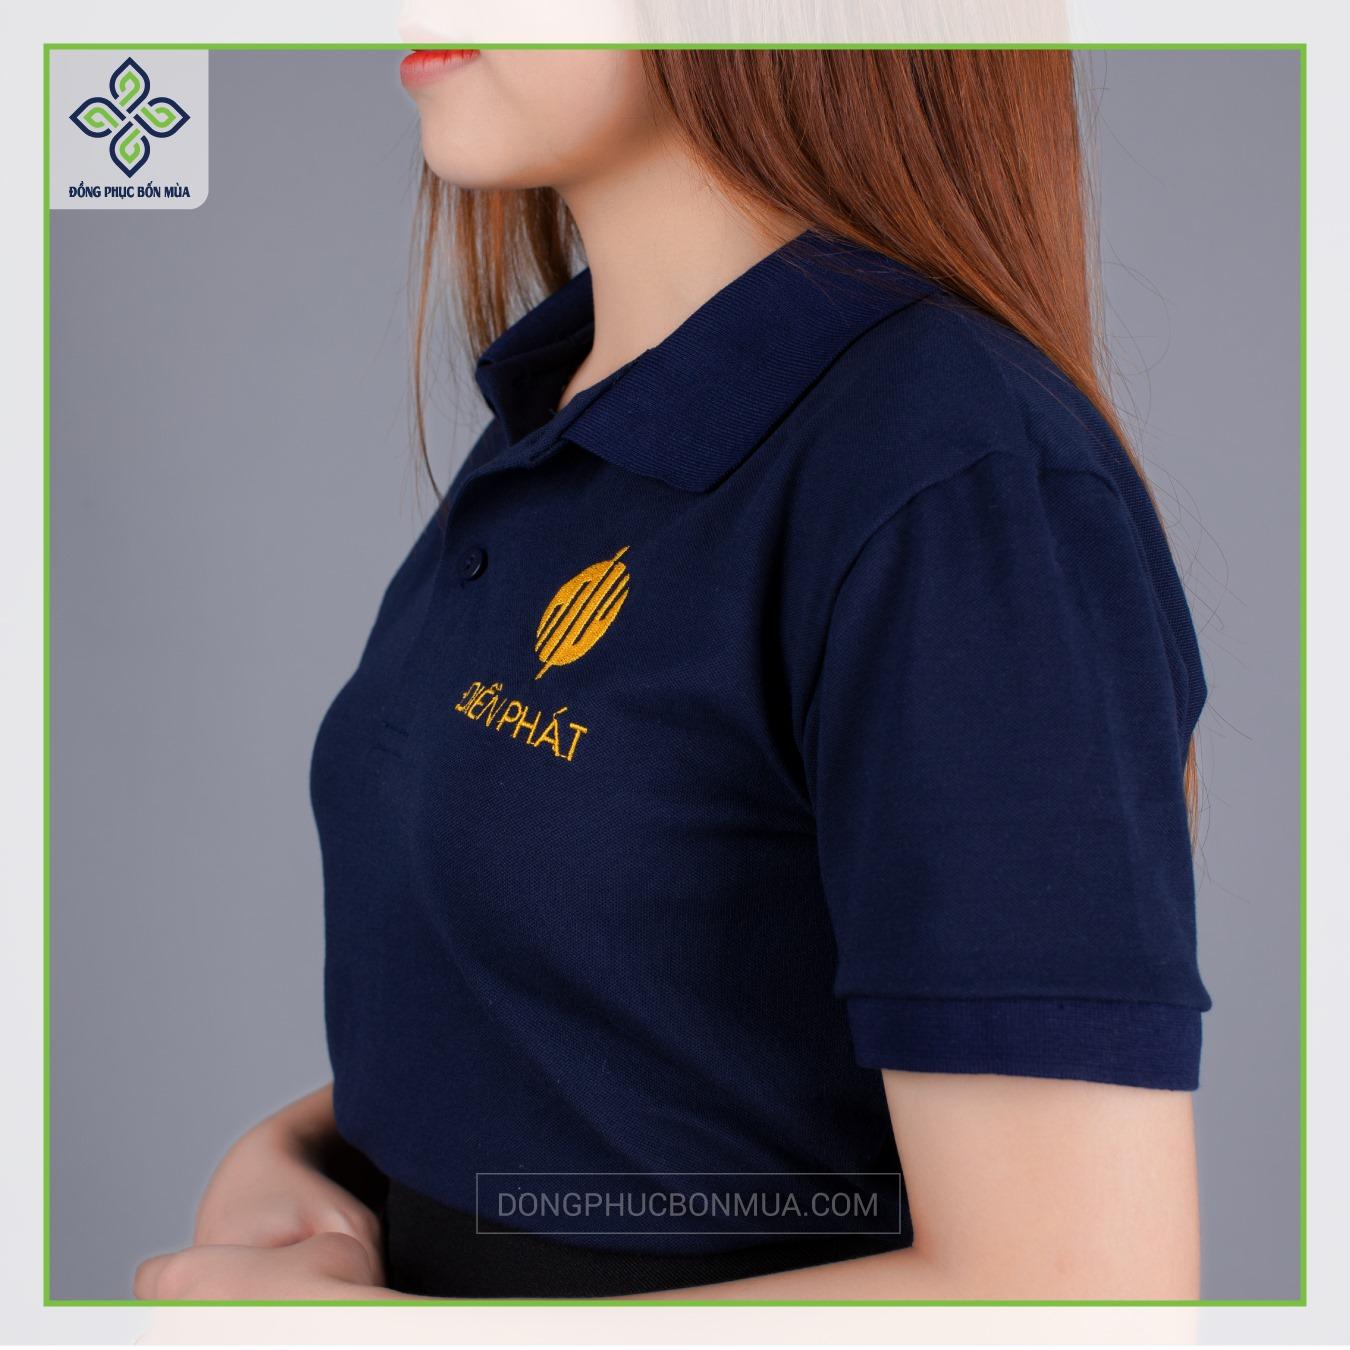 Áo đồng phục đẹp làm nổi bật thương hiệu doanh nghiệp.